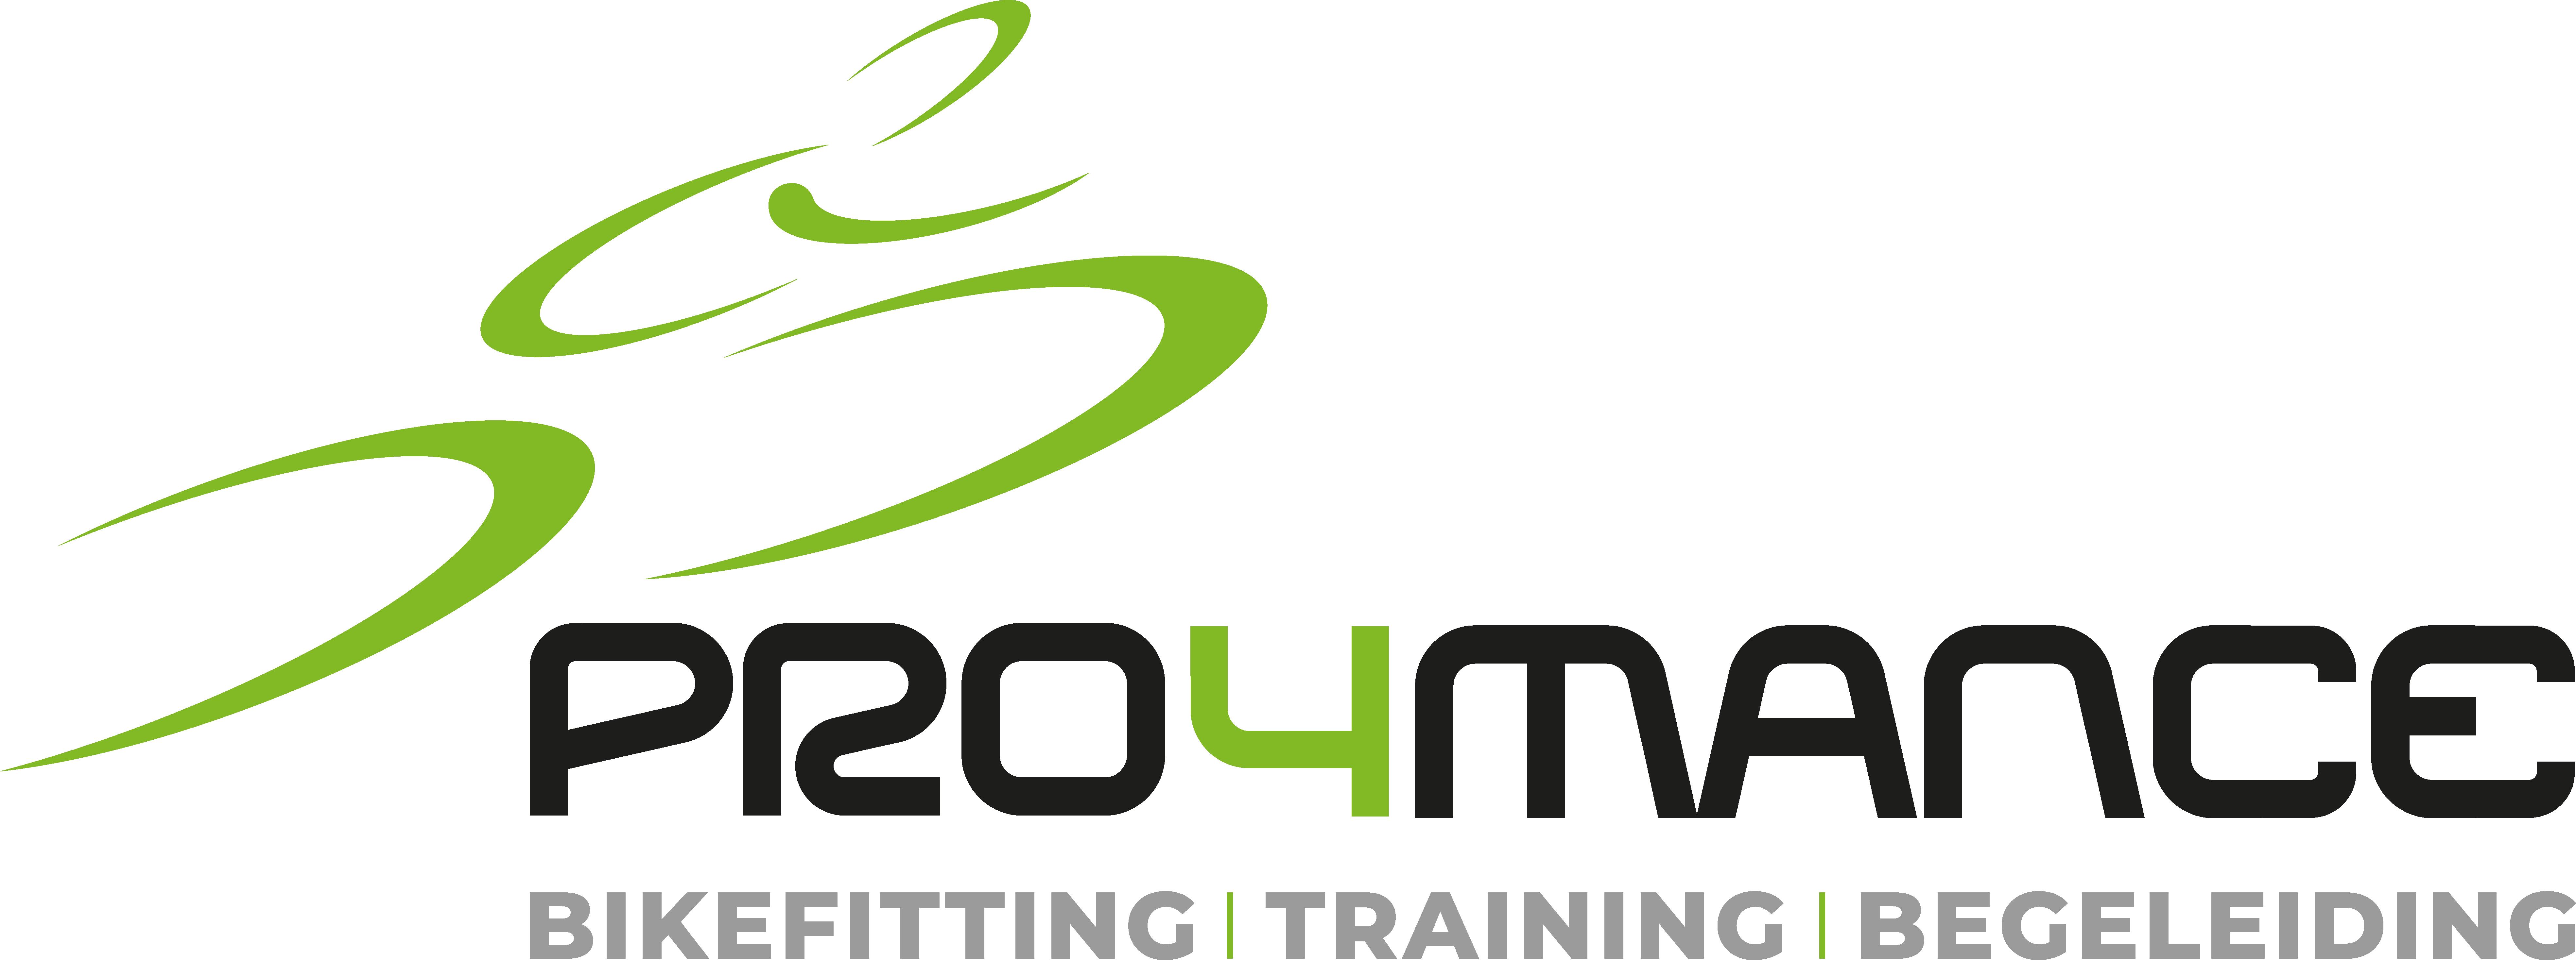 Pro4Mance logo